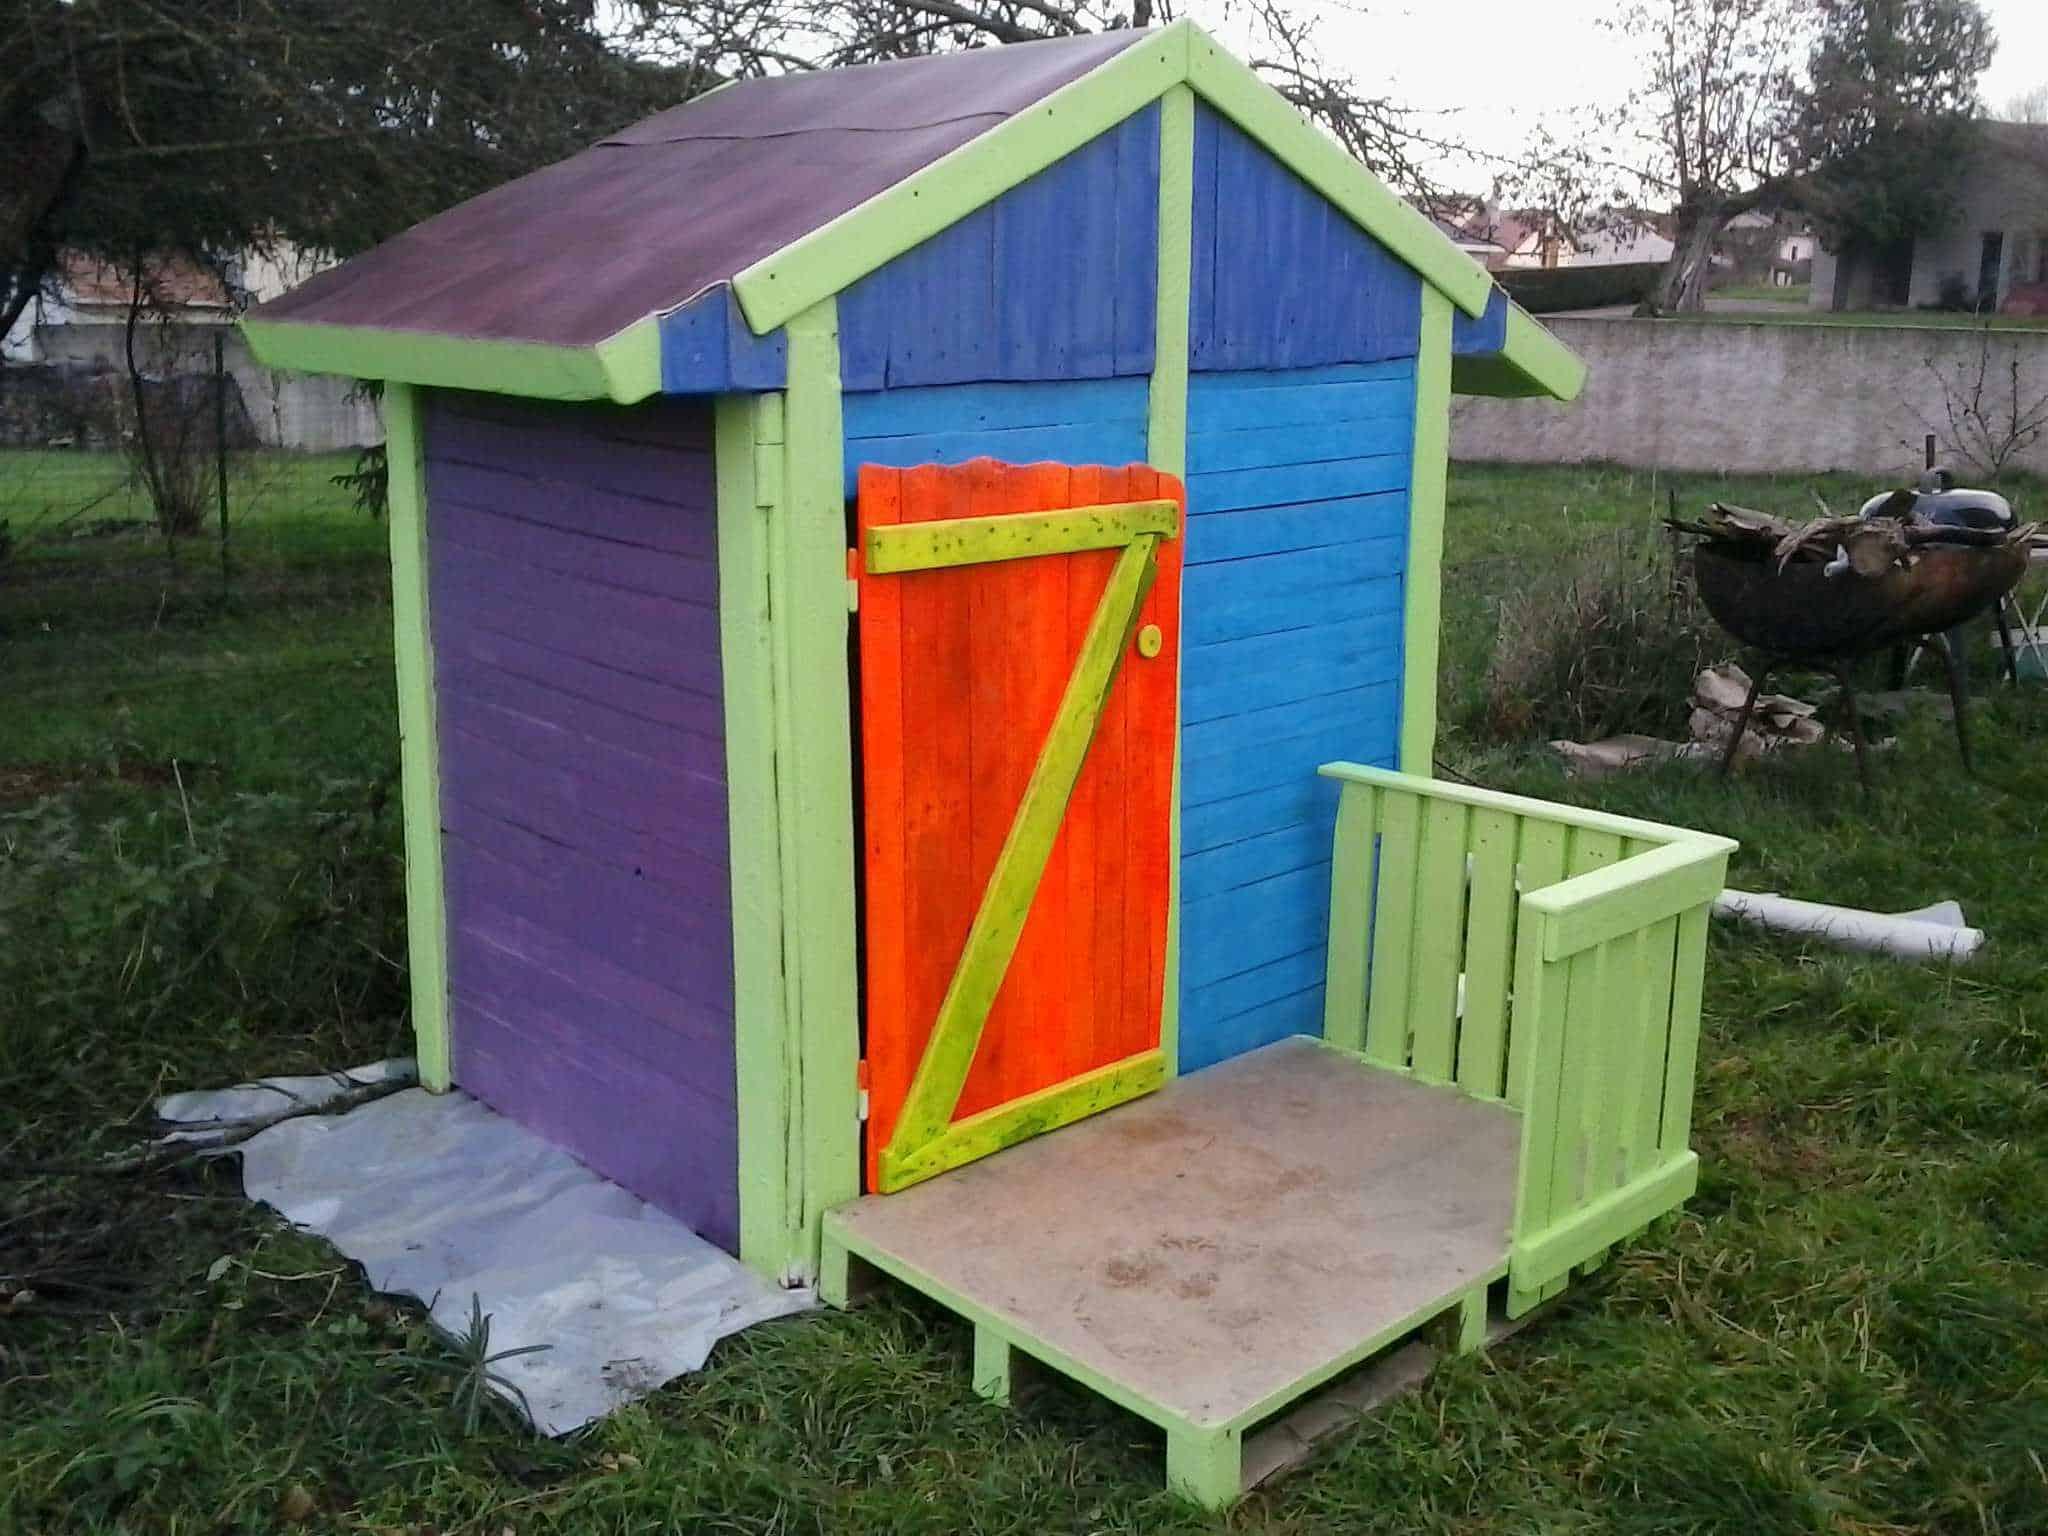 Cabane De Jardin Pour Enfants / Children Play House & Its ... destiné Maison De Jardin Pour Enfants